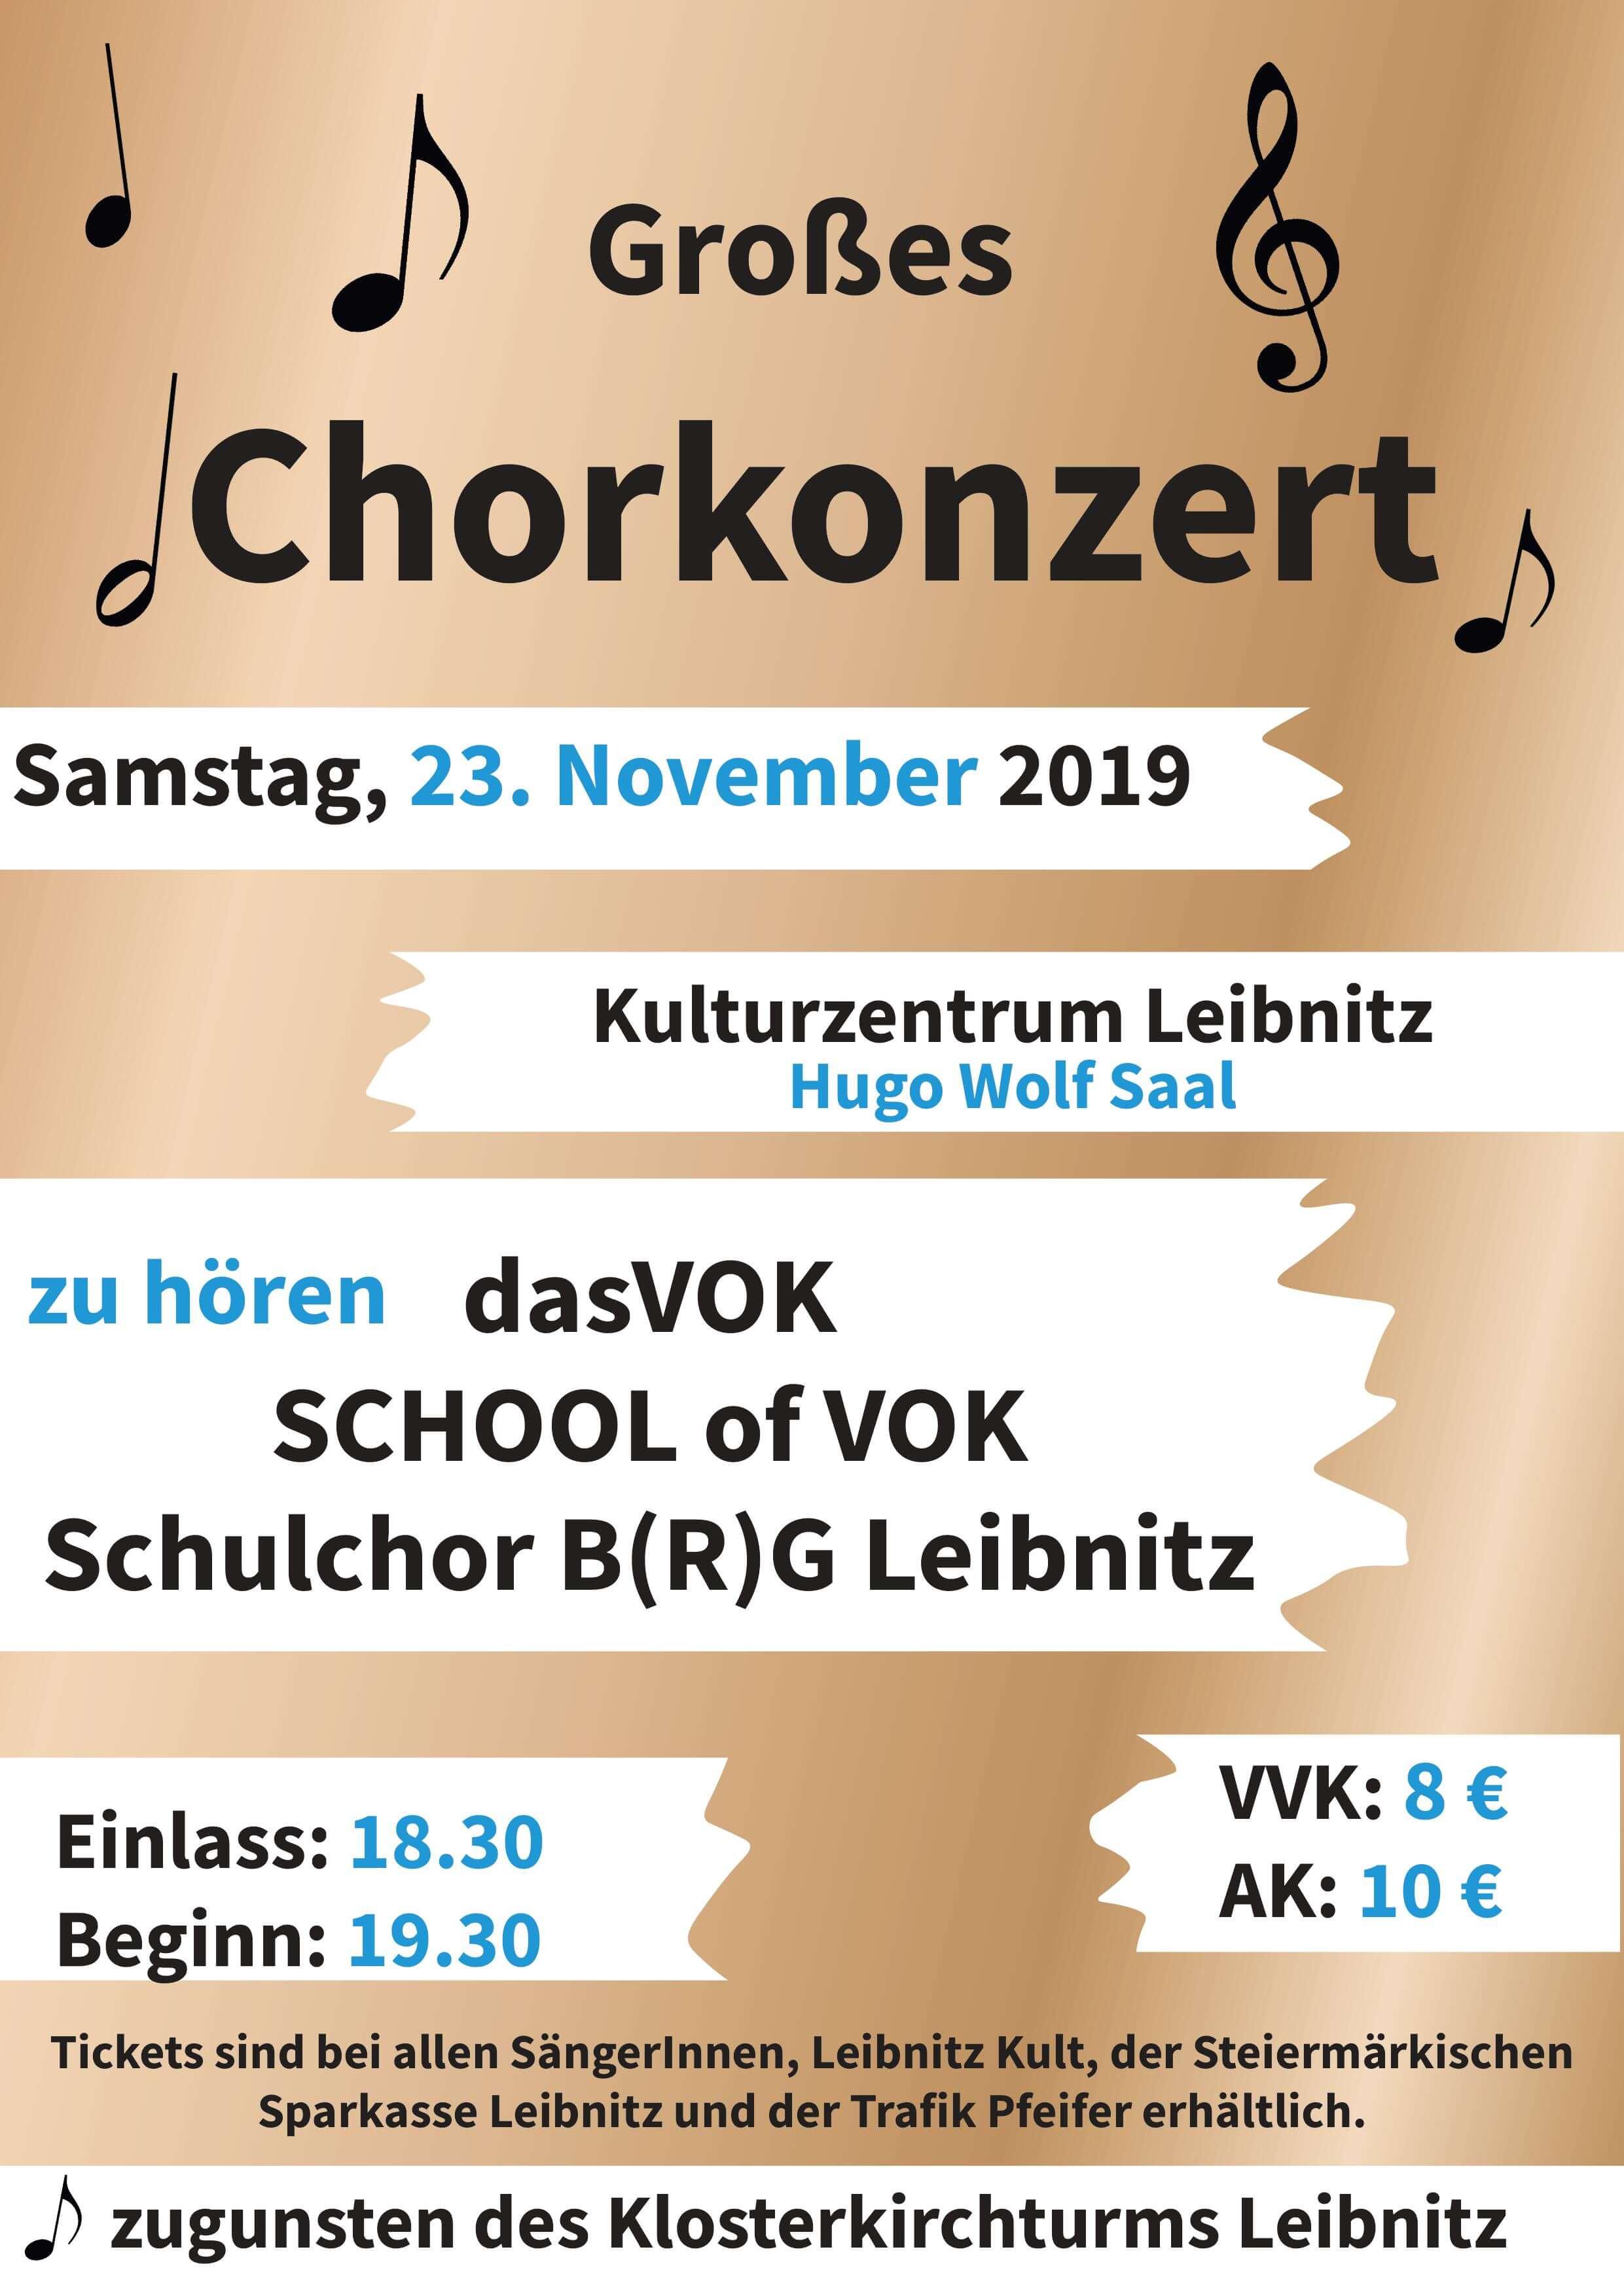 Grosses Chorkonzert zugunsten des Klosterkirchturms Leibnitz